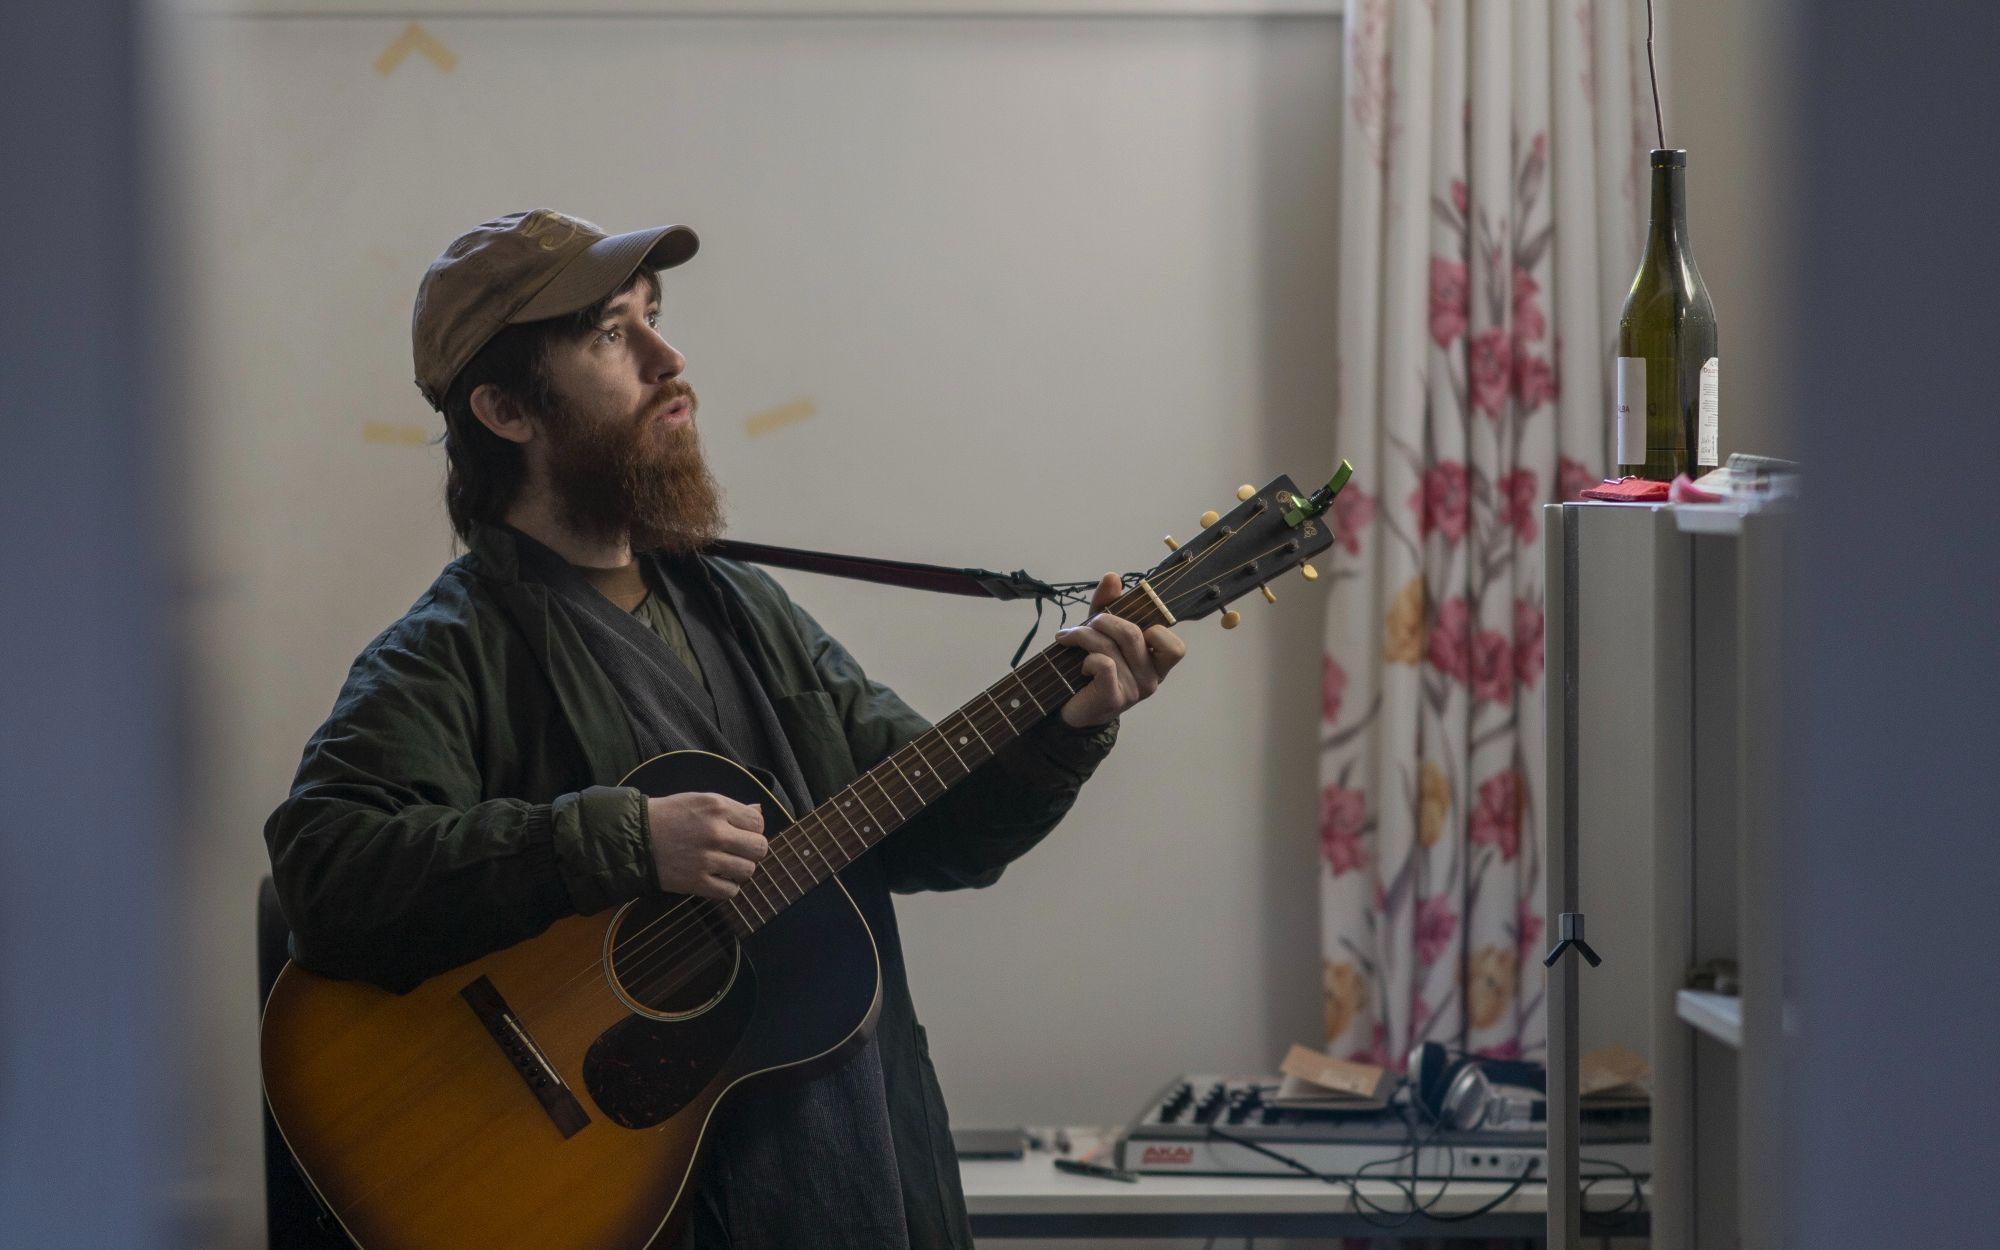 小易和他的吉他。拍照:心像SoulPix